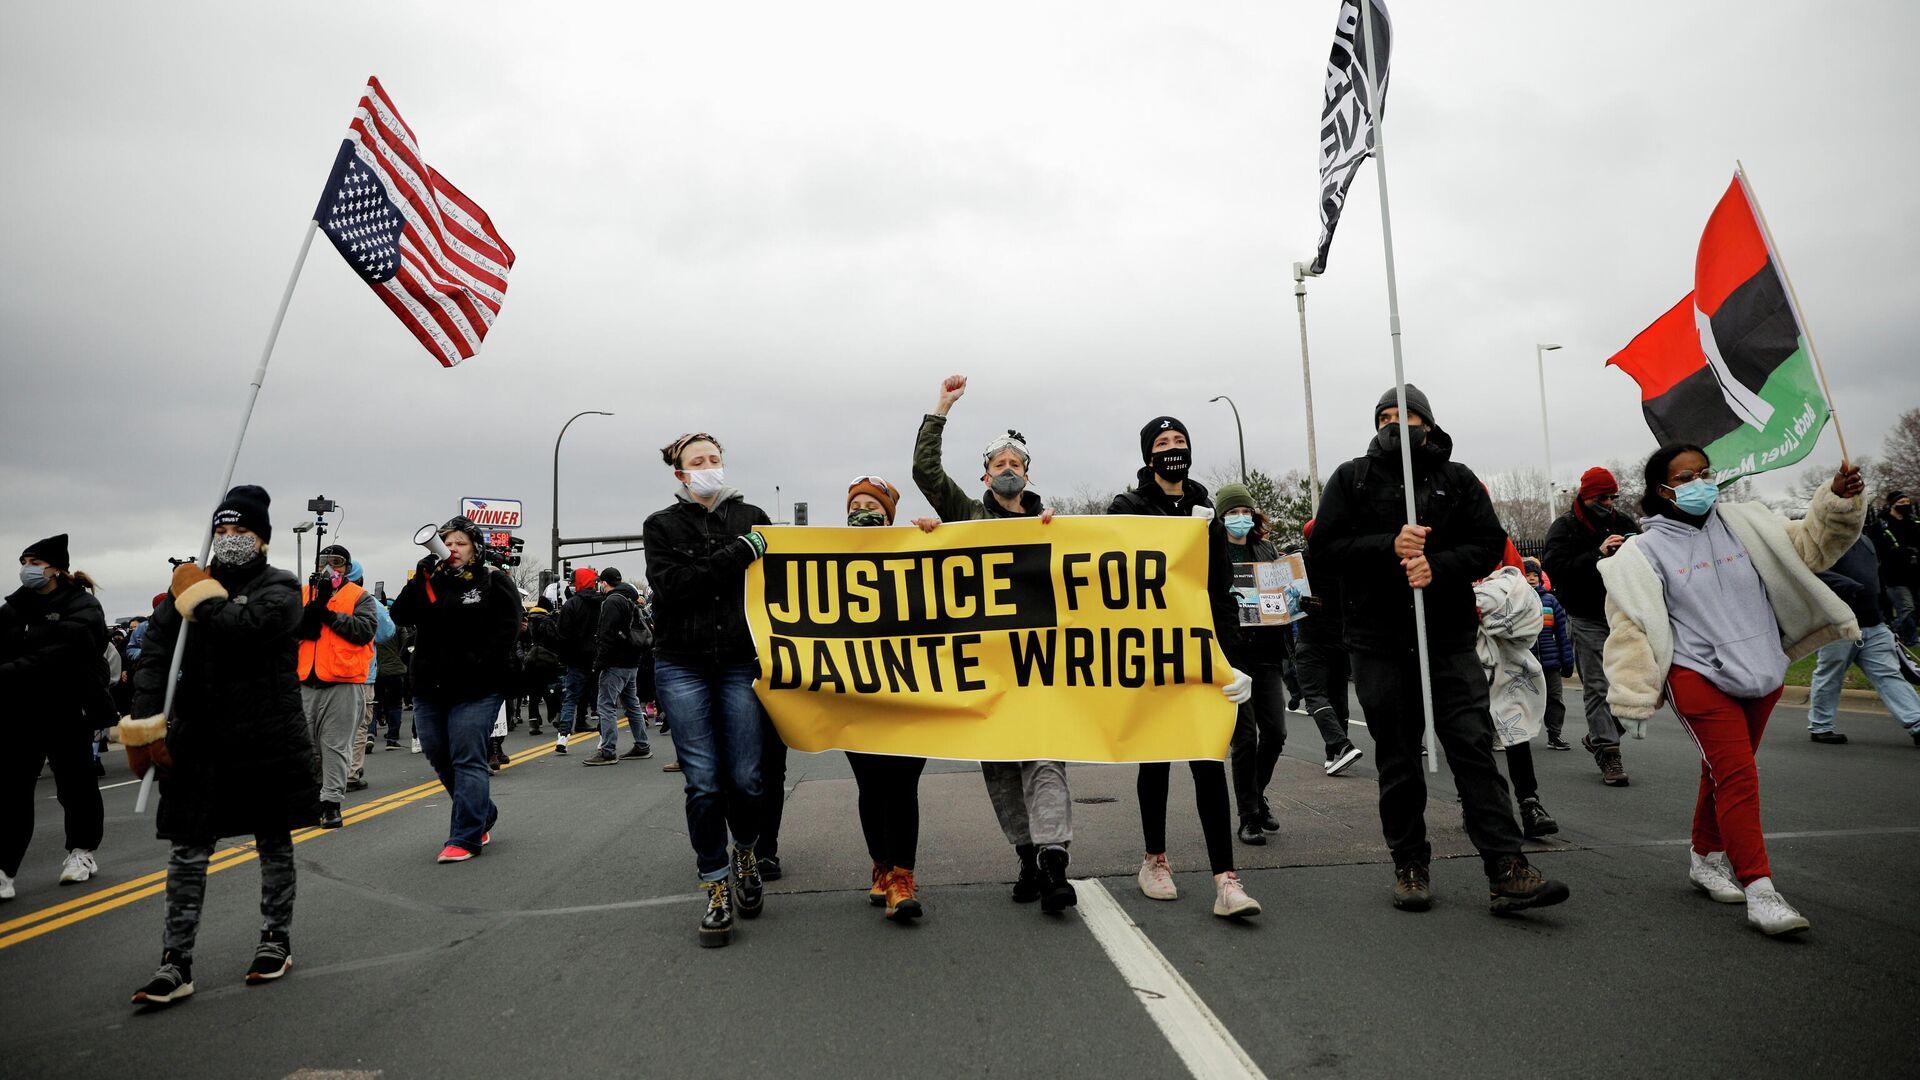 Las protestas después del asesinato del afroamericano Daunte Wright - Sputnik Mundo, 1920, 14.04.2021